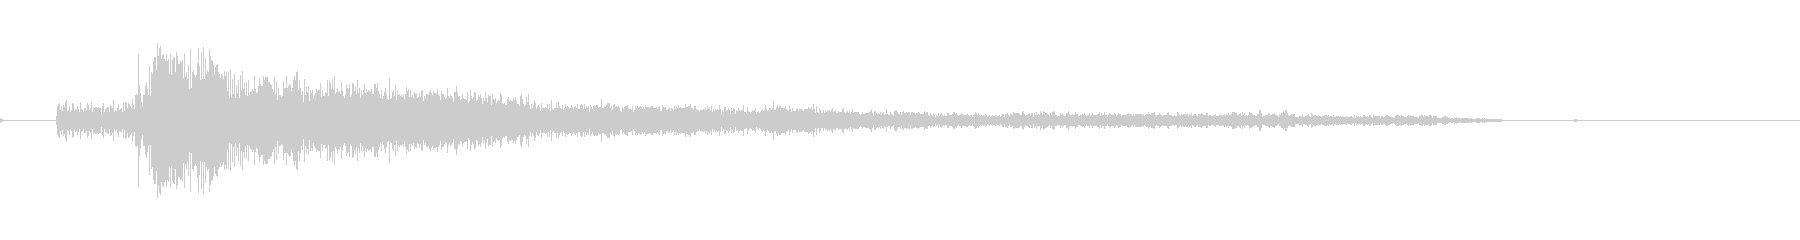 ドラッグスター-モト-ホームの未再生の波形